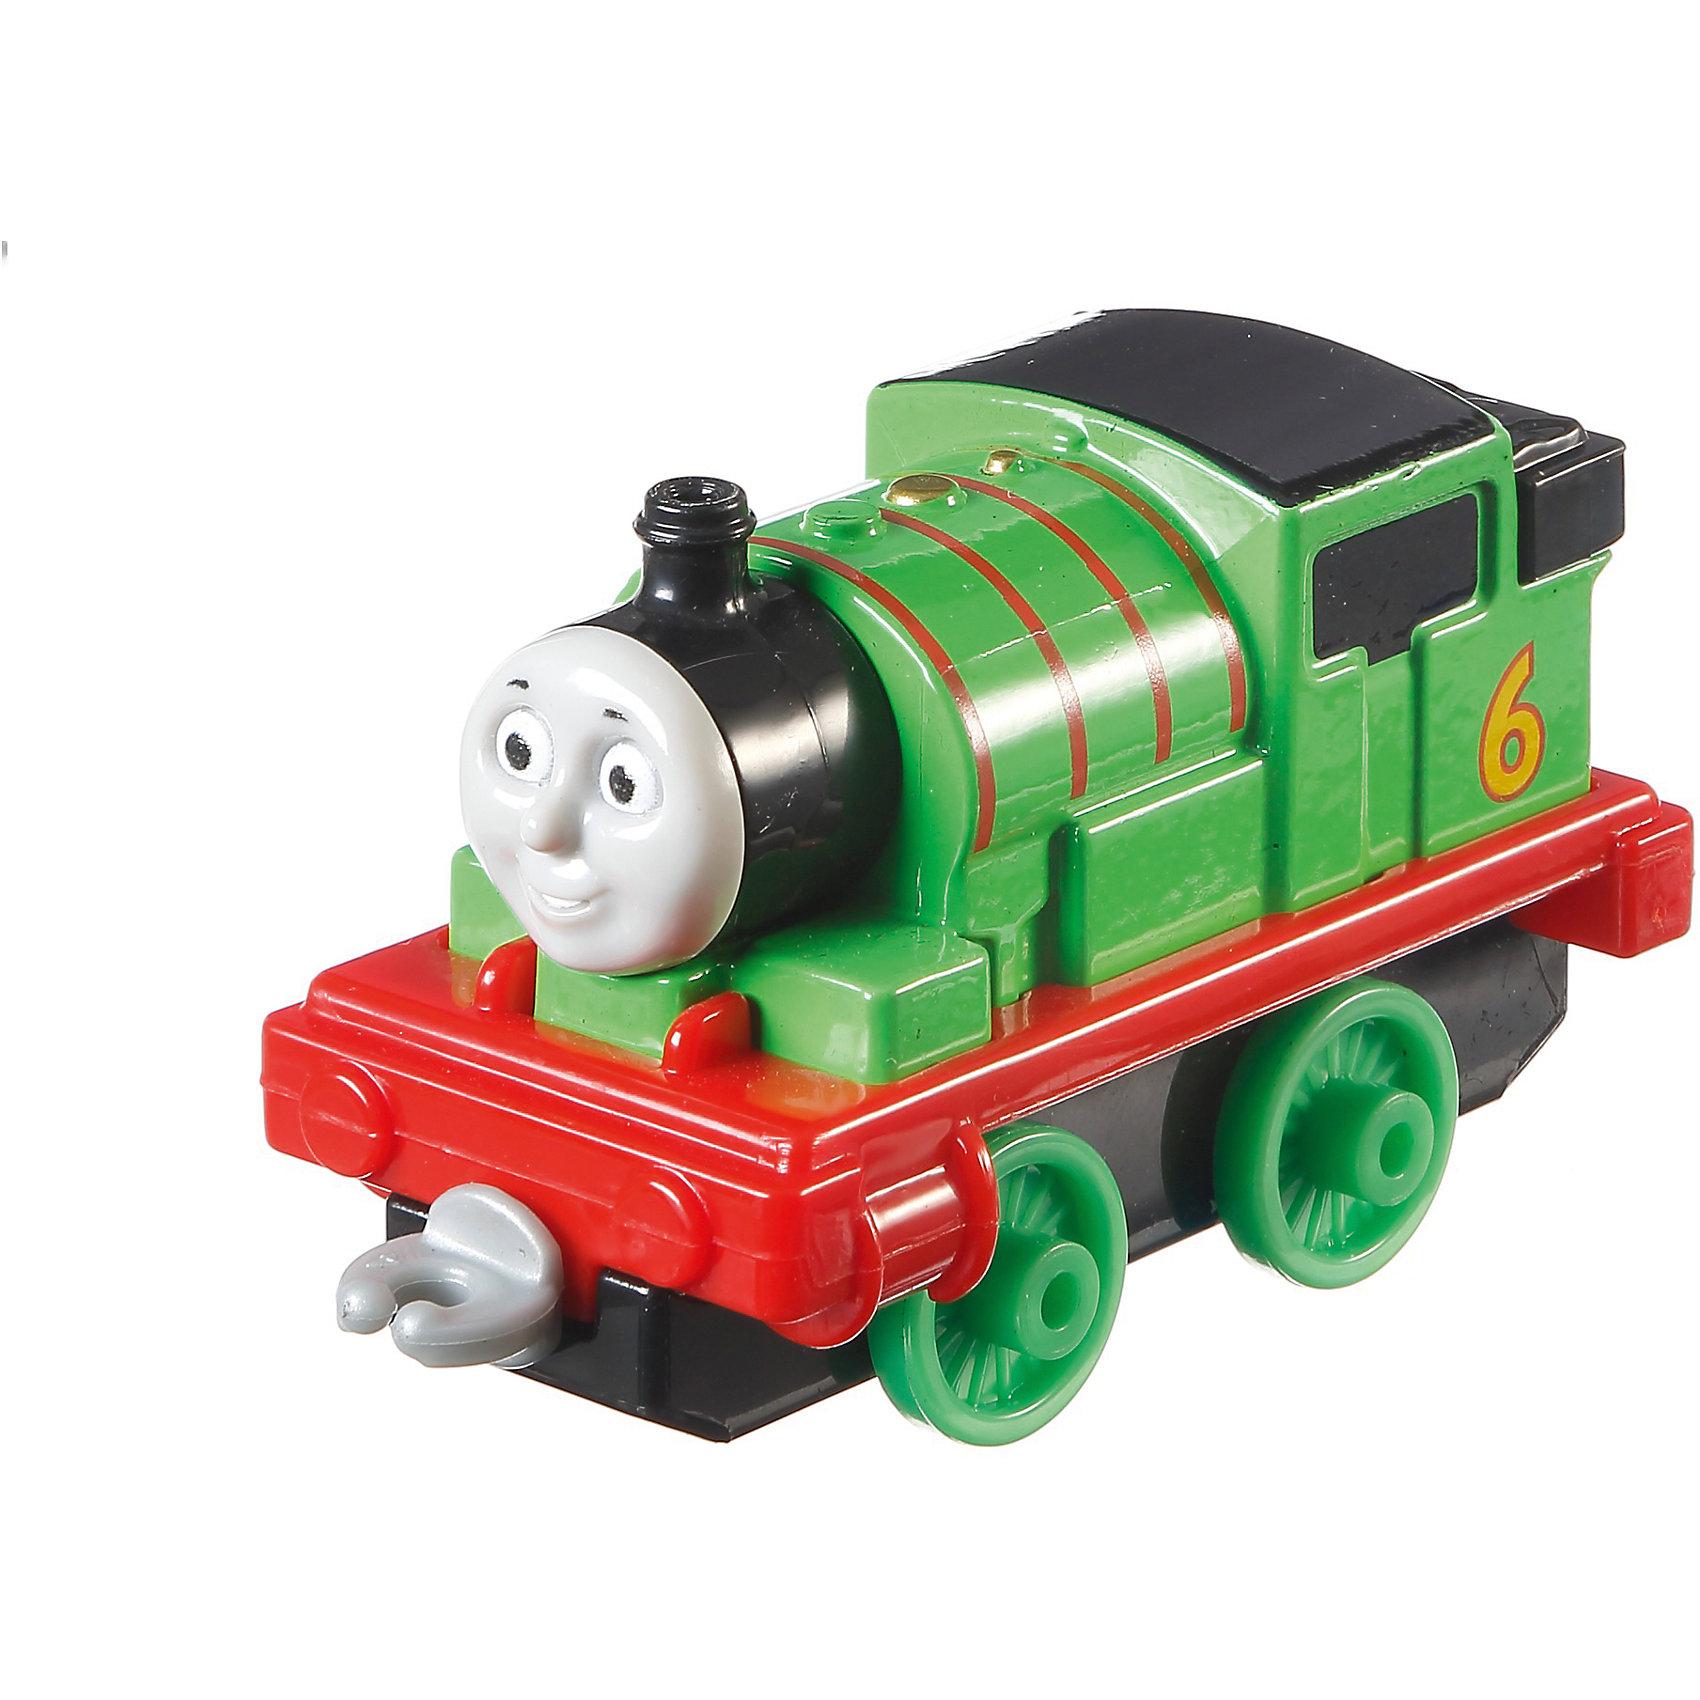 Маленький паровозик, Томас и его друзьяПопулярные игрушки<br>Маленький паровозик, Томас и его друзья.<br><br>Характеристики:<br><br>• Материал: пластик, металл<br>• Размер упаковки: 13х11,5х3 см.<br>• Вес: 280 гр.<br><br>Маленький паровозик Перси создан по мотивам мультфильма Томас и его друзья, невероятно популярного среди миллионов детей во всем мире. Паровозик отличается высокой степенью детализации и соответствия своему экранному прототипу. Надежные пластиковые соединения позволяют присоединять к паровозику вагончики, тендеры и другие паровозики из серии «Томас и друзья». <br><br>Игрушка станет отличным подарком для поклонников мультсериала «Томас и друзья», а также для любителей железных дорог! Паровозик изготовлен из высококачественных материалов, используемые красители не содержат токсичных компонентов и полностью безопасны для здоровья ребенка.<br><br>Маленький паровозик, Томас и его друзья можно купить в нашем интернет-магазине.<br><br>Ширина мм: 130<br>Глубина мм: 35<br>Высота мм: 115<br>Вес г: 64<br>Возраст от месяцев: 36<br>Возраст до месяцев: 120<br>Пол: Мужской<br>Возраст: Детский<br>SKU: 5440317